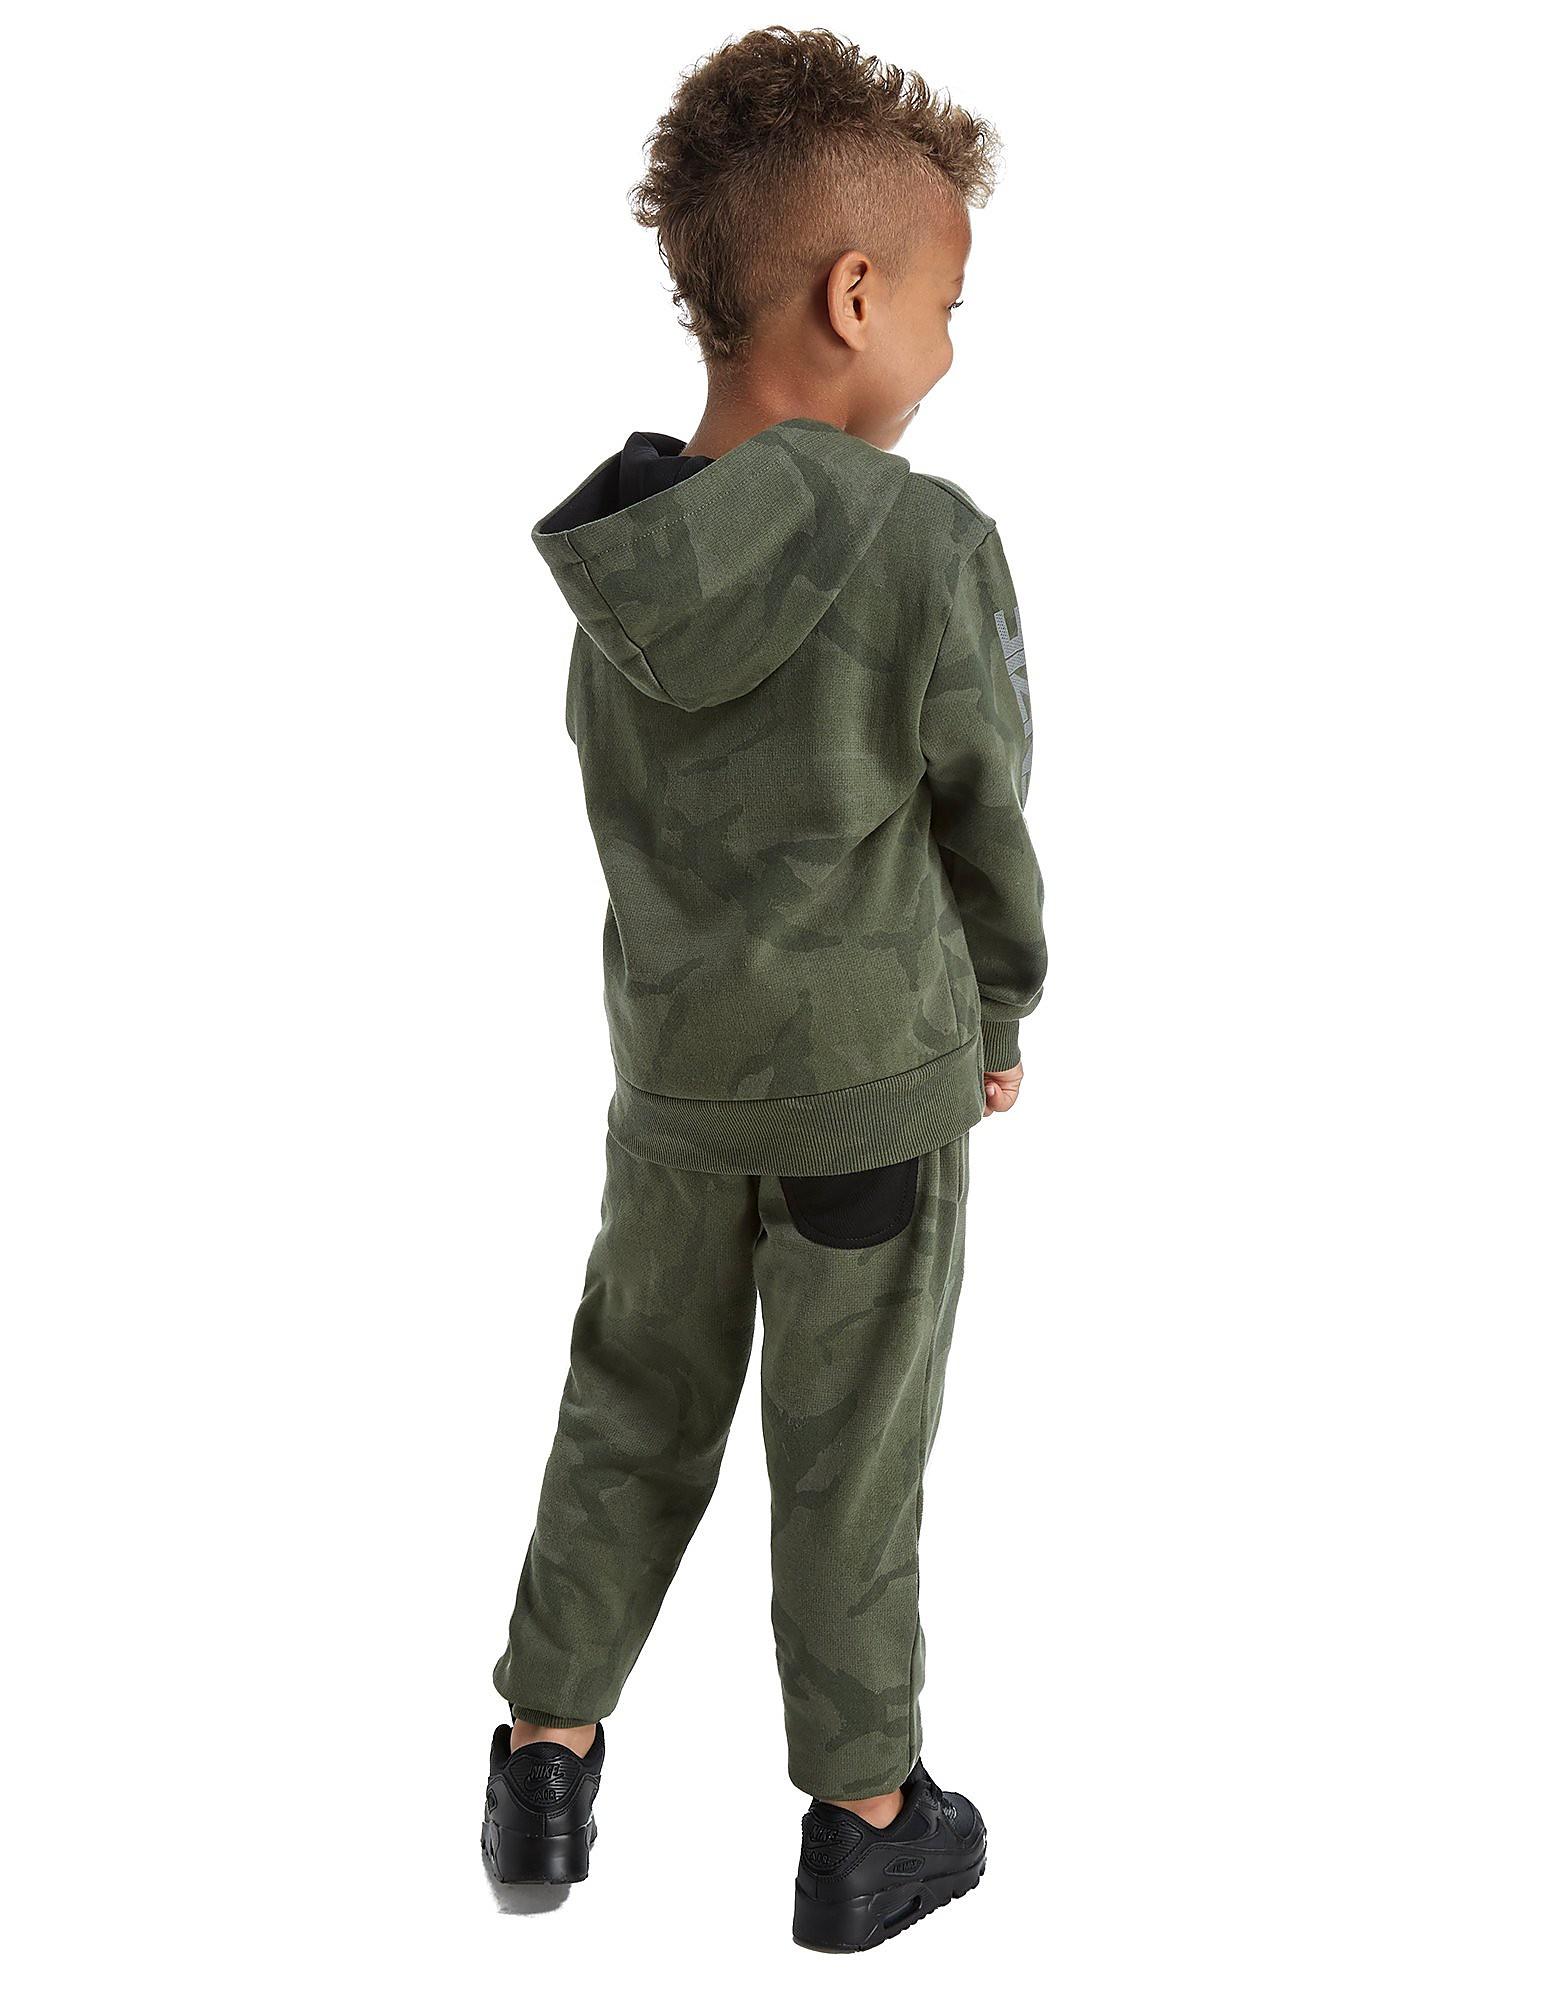 McKenzie Richie Full Zip Suit Children's